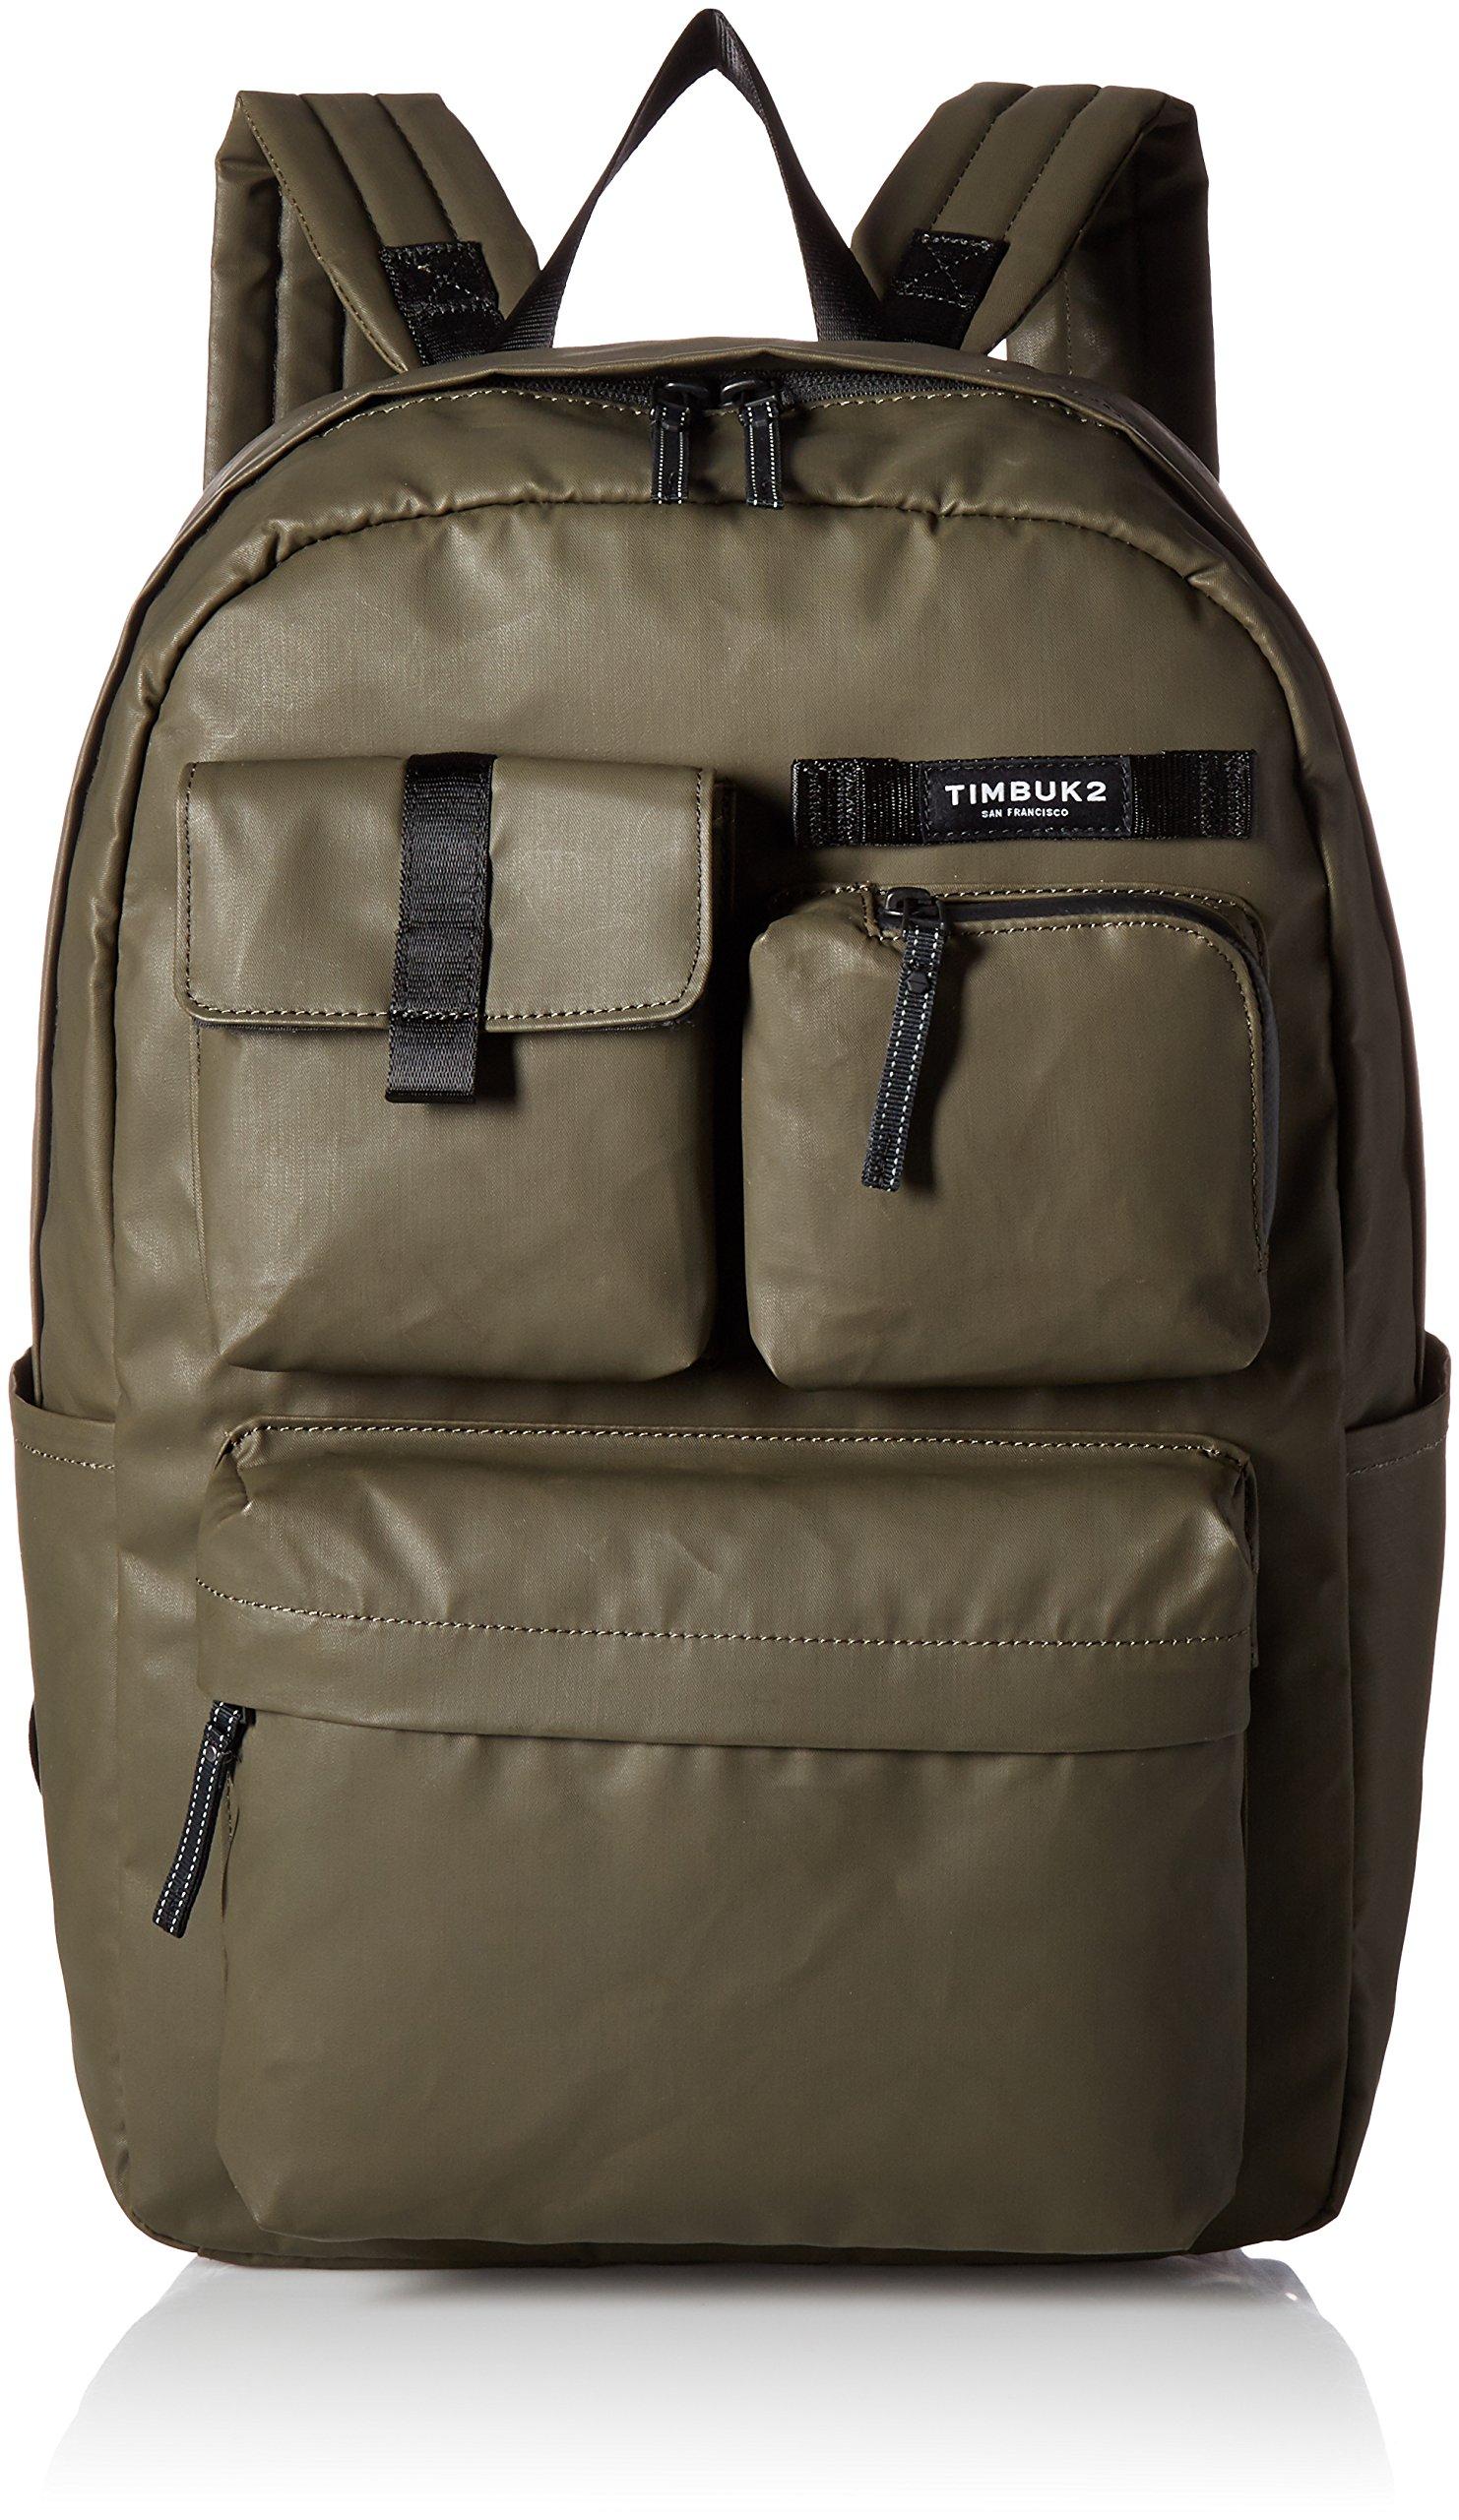 Timbuk2 Ramble Pack Twill, OS, Mud, One Size